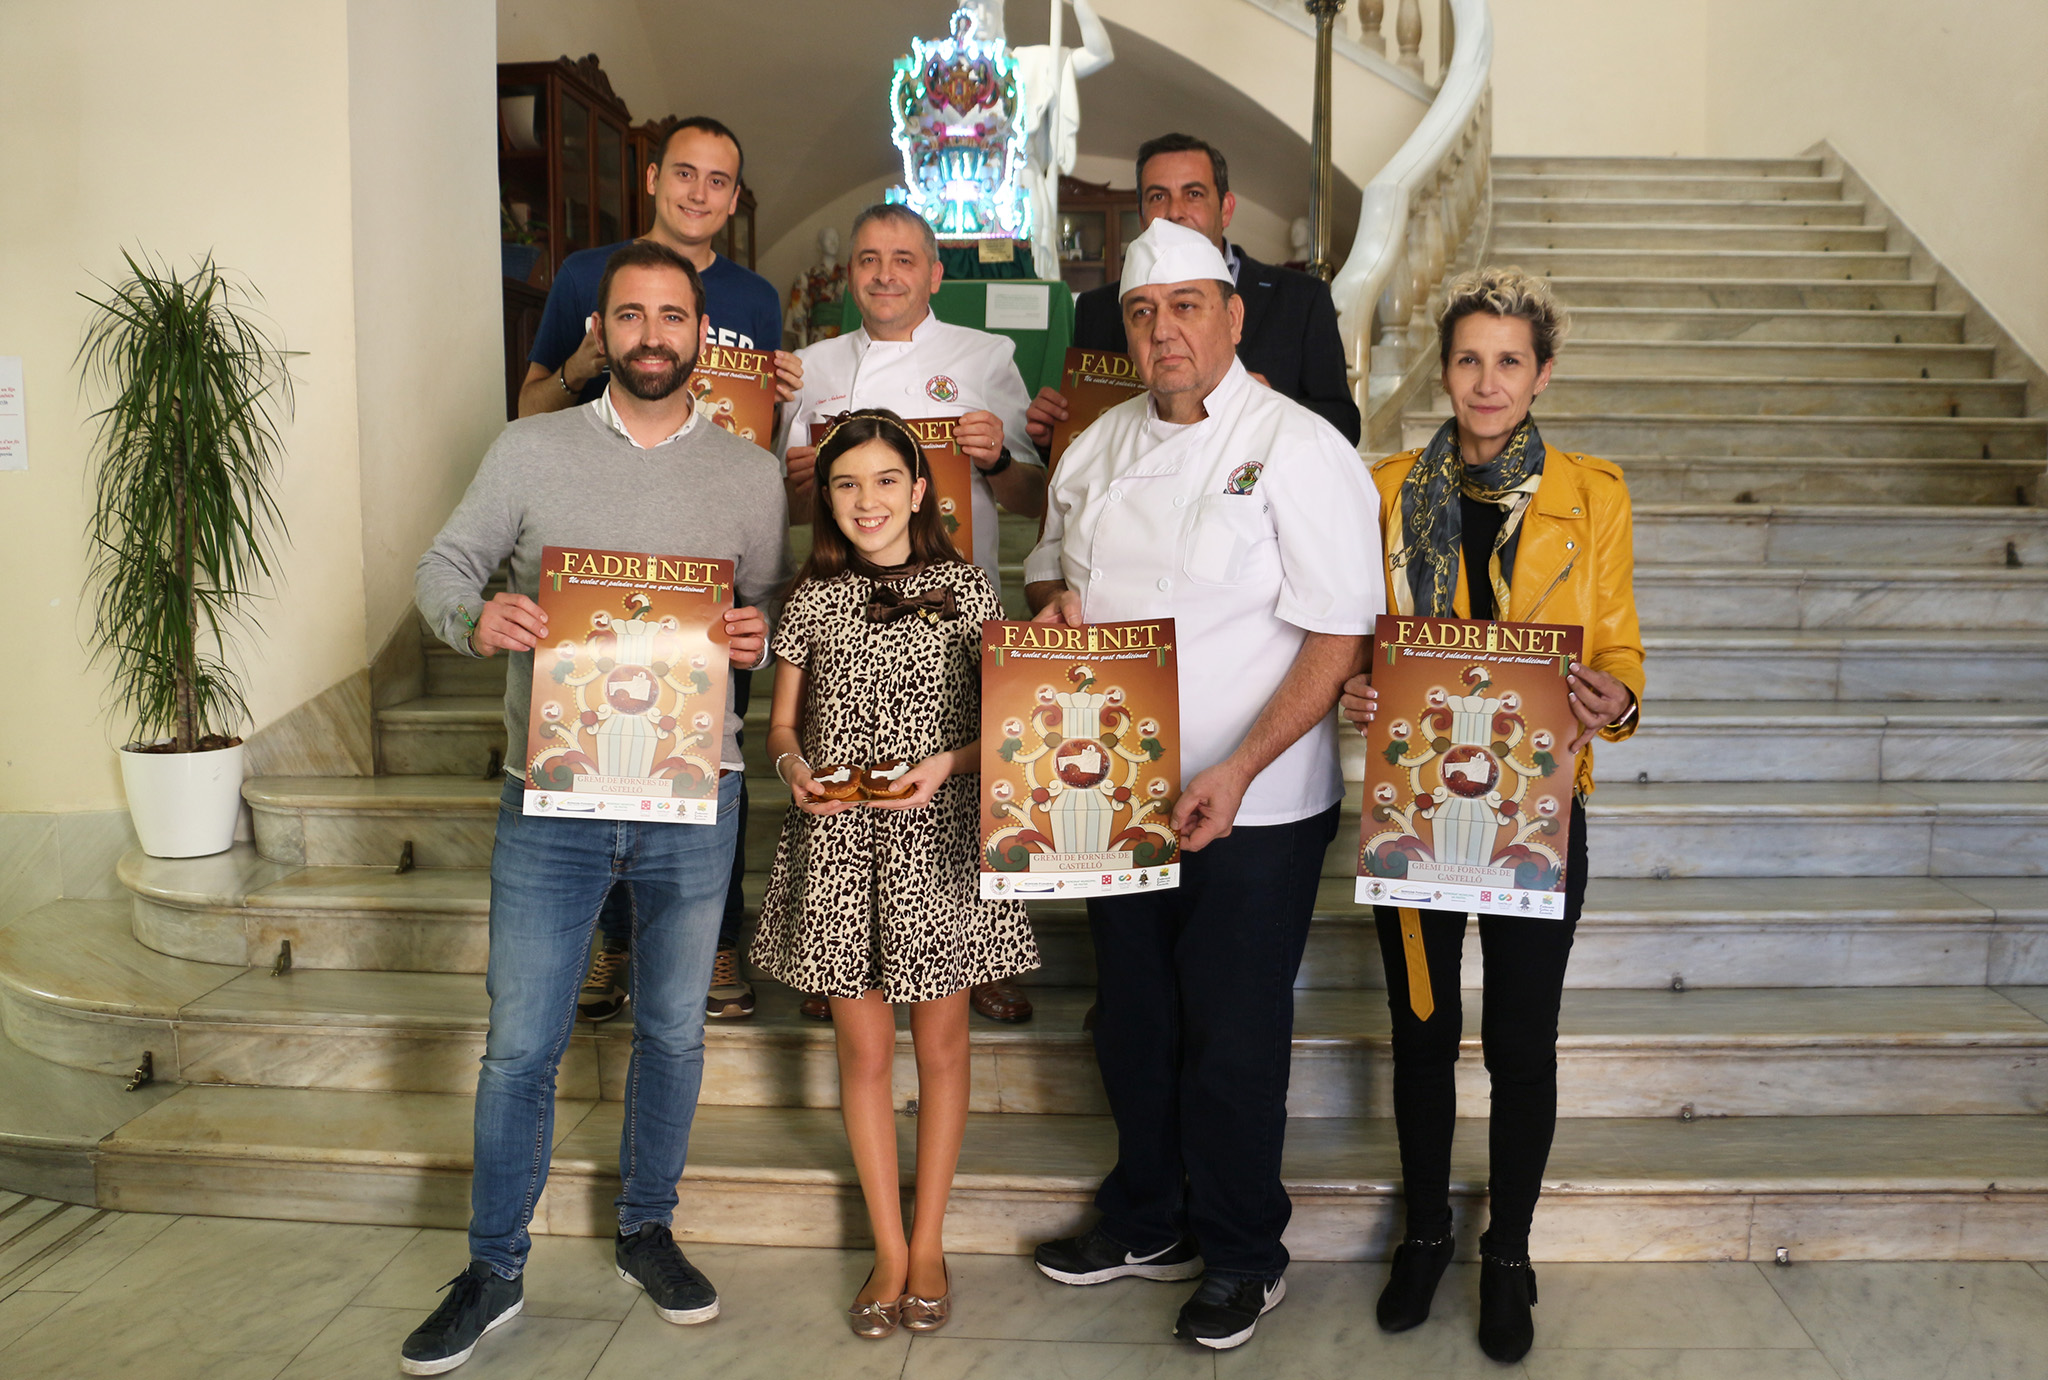 El diseño de Alberto Villarroja,'Esclat de gust', gana el III Concurso de Carteles del Fadrinet